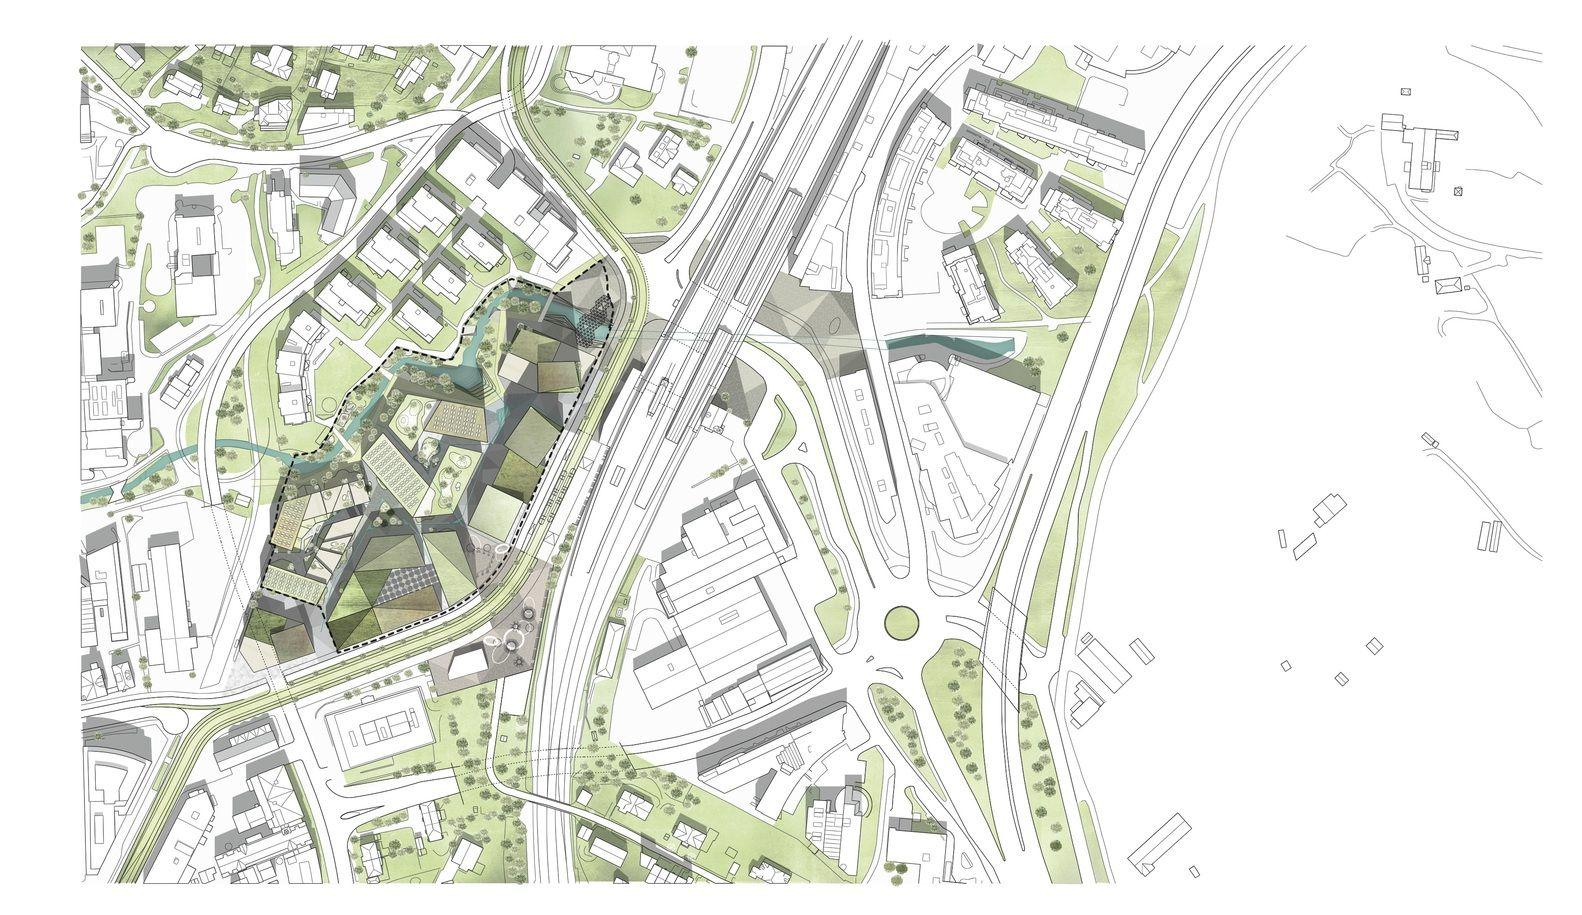 schmidt hammer lassen Wins Competition to Masterplan Skøyen in Central Oslo,Plan. Image © schmidt hammer lassen